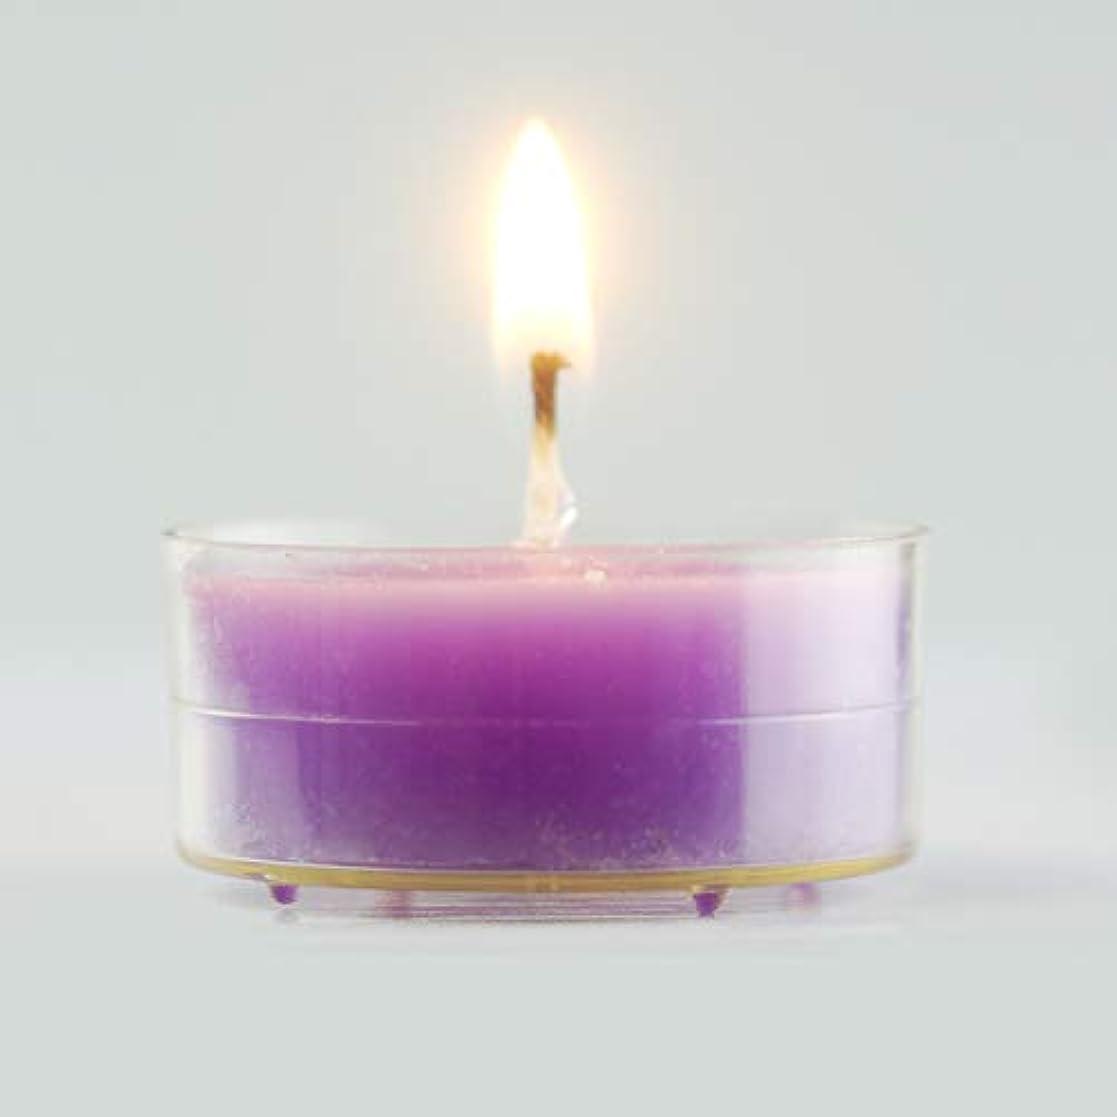 凝視スズメバチ支払う環境に優しいキャンドル きれいな無煙大豆ワックス色味茶ワックス48ピース4時間燃える時間白いキャンドルライト用家の装飾、クリスマス休暇、結婚披露宴の装飾 実用的な無煙キャンドル (Color : Purple)